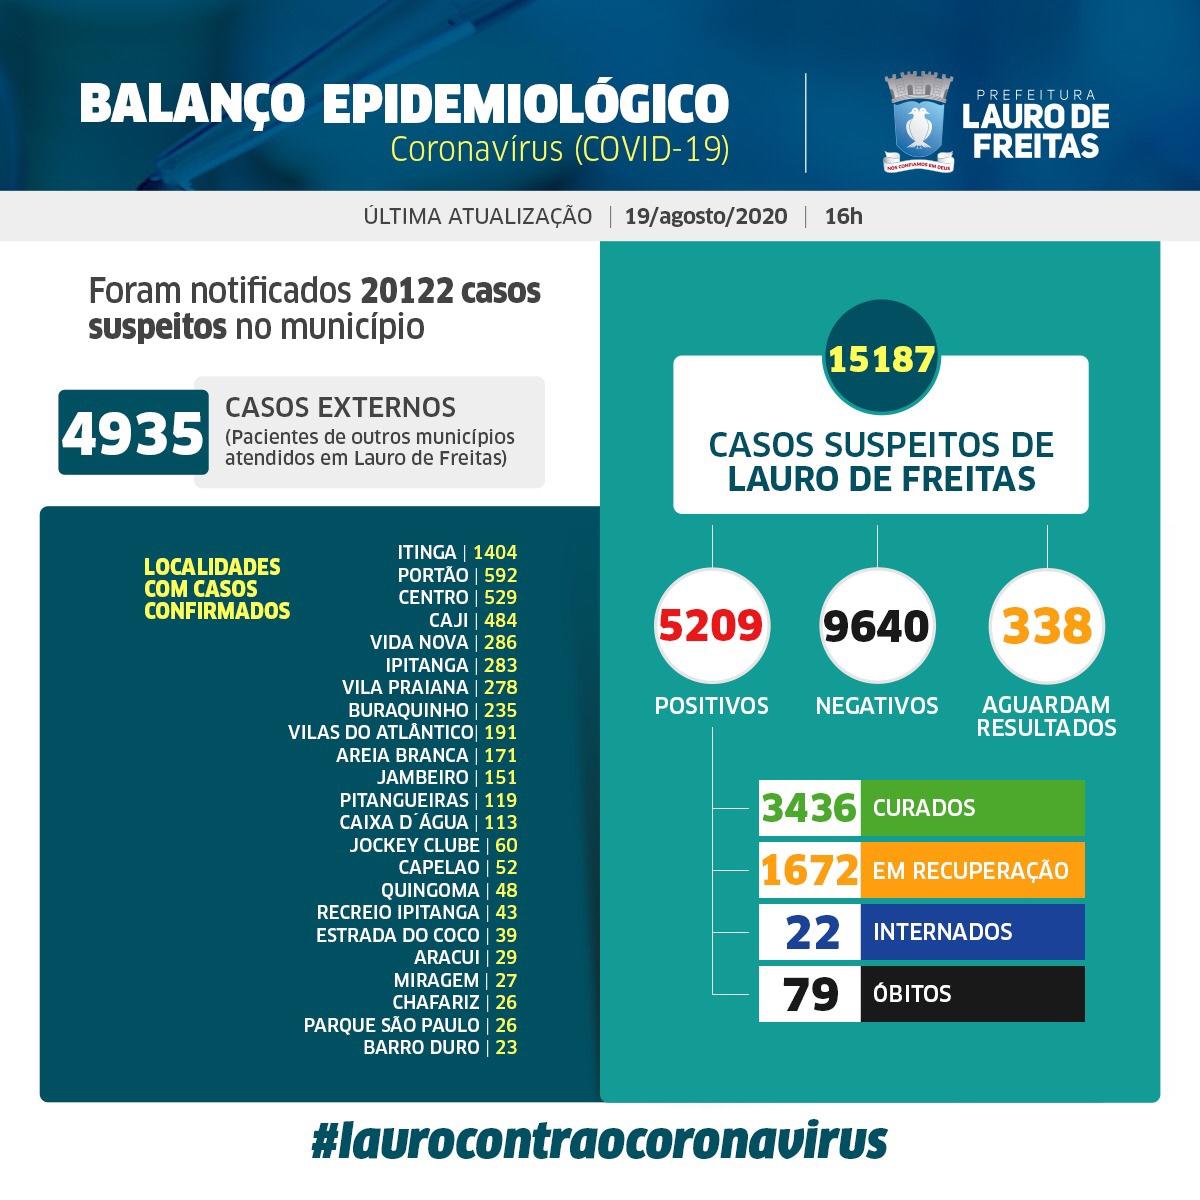 Lauro de Freitas registra 5.209 casos positivos da Covid-19, com 3.436 pessoas curadas